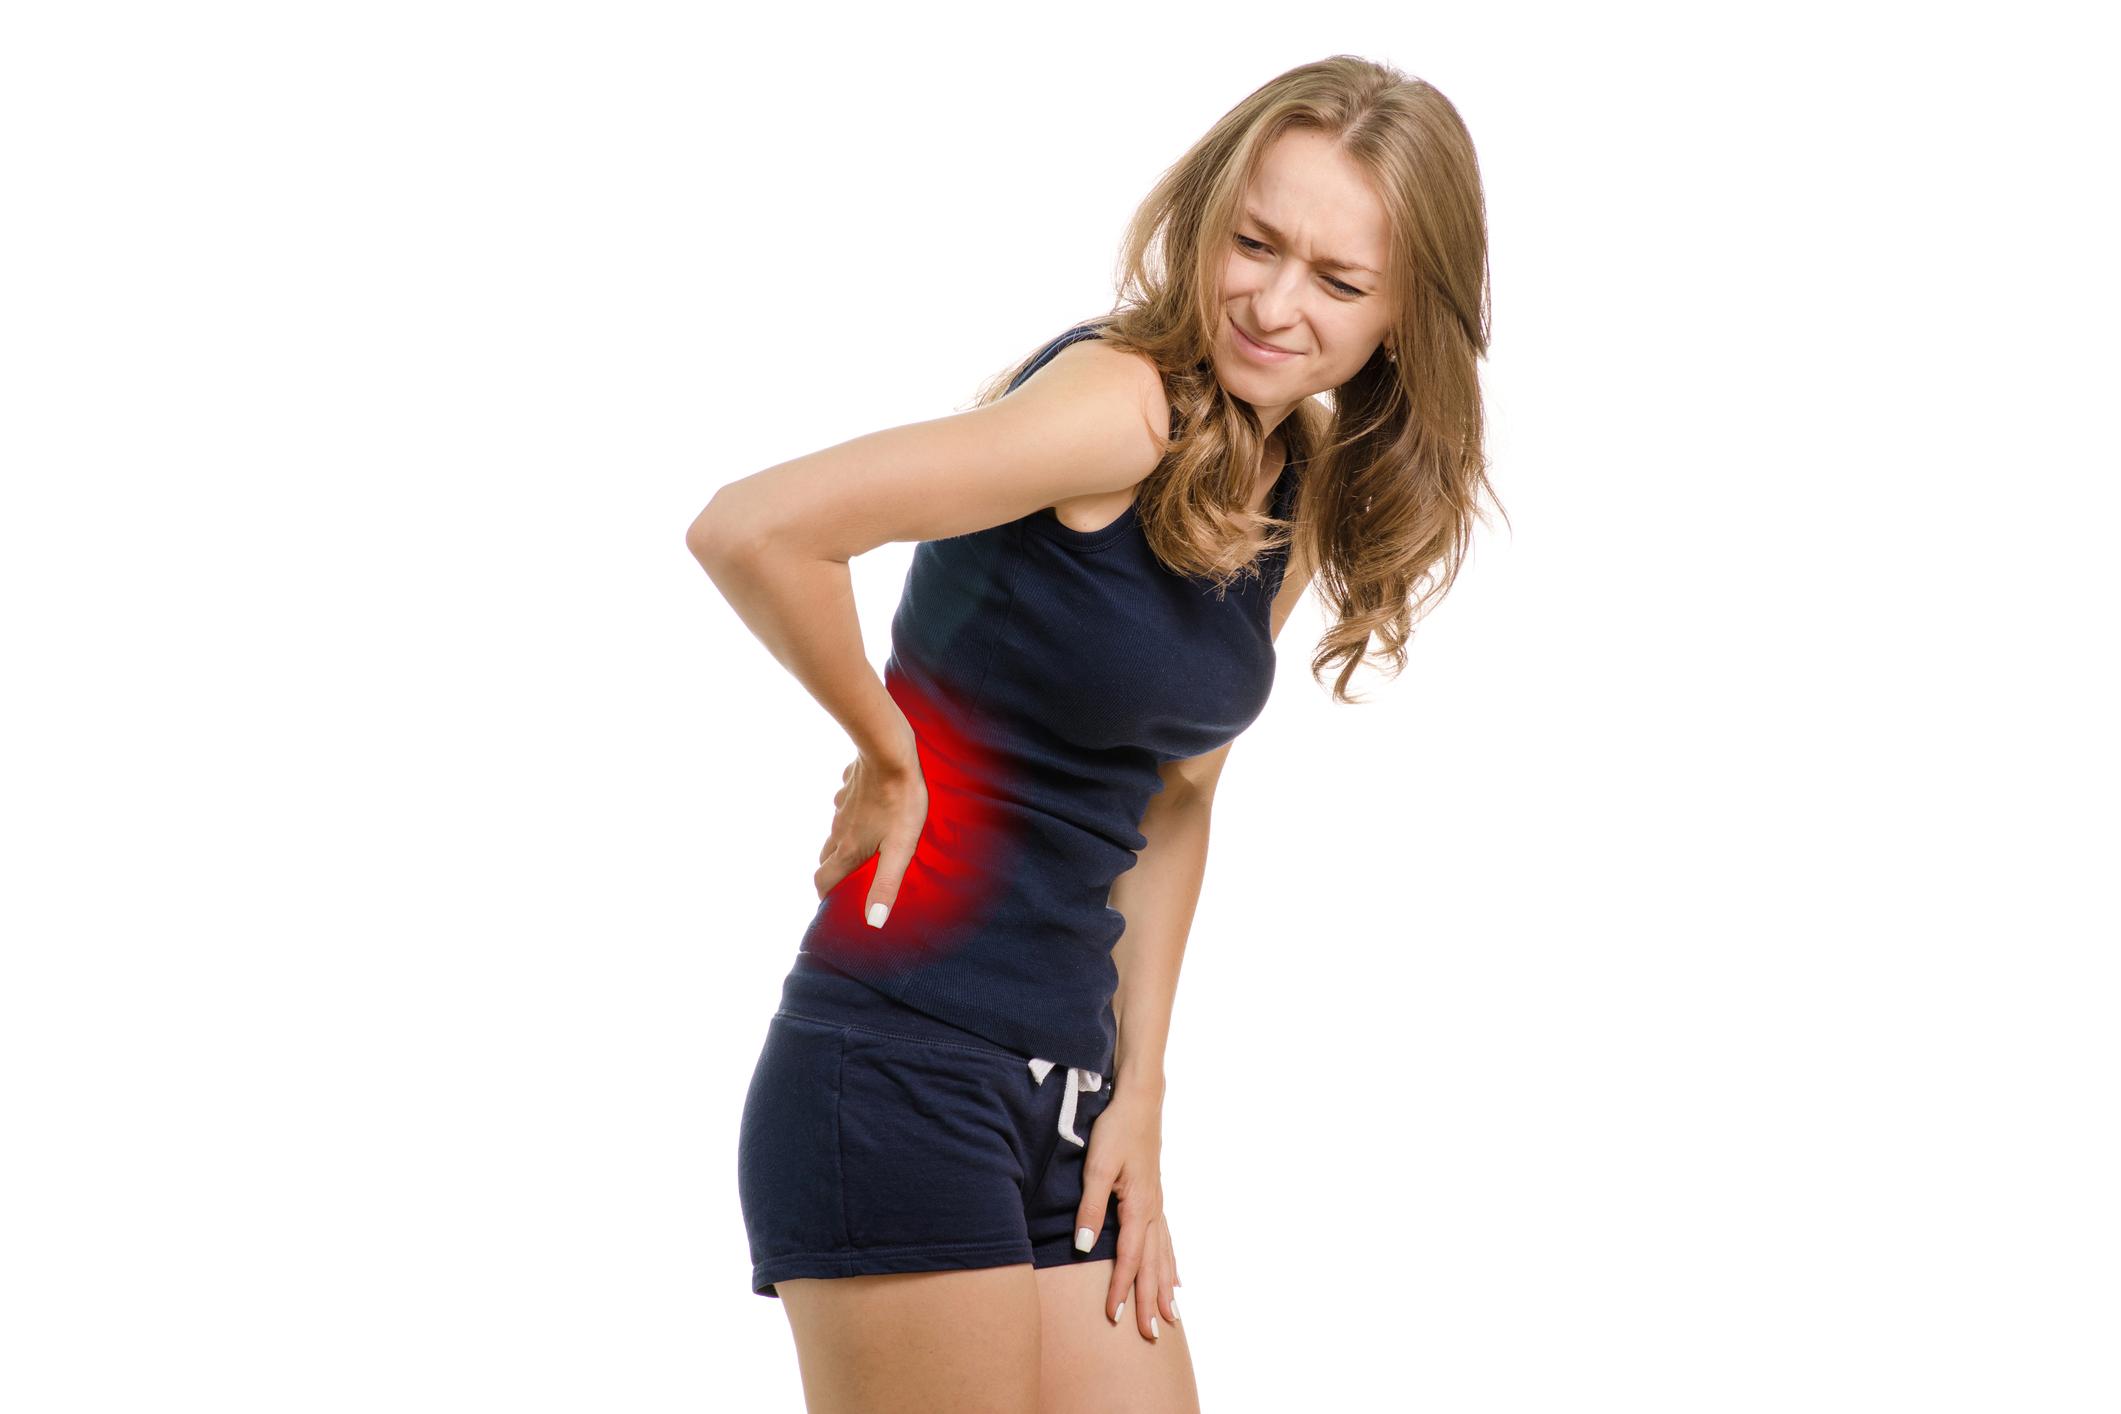 hemp-gel-woman-pain.jpg